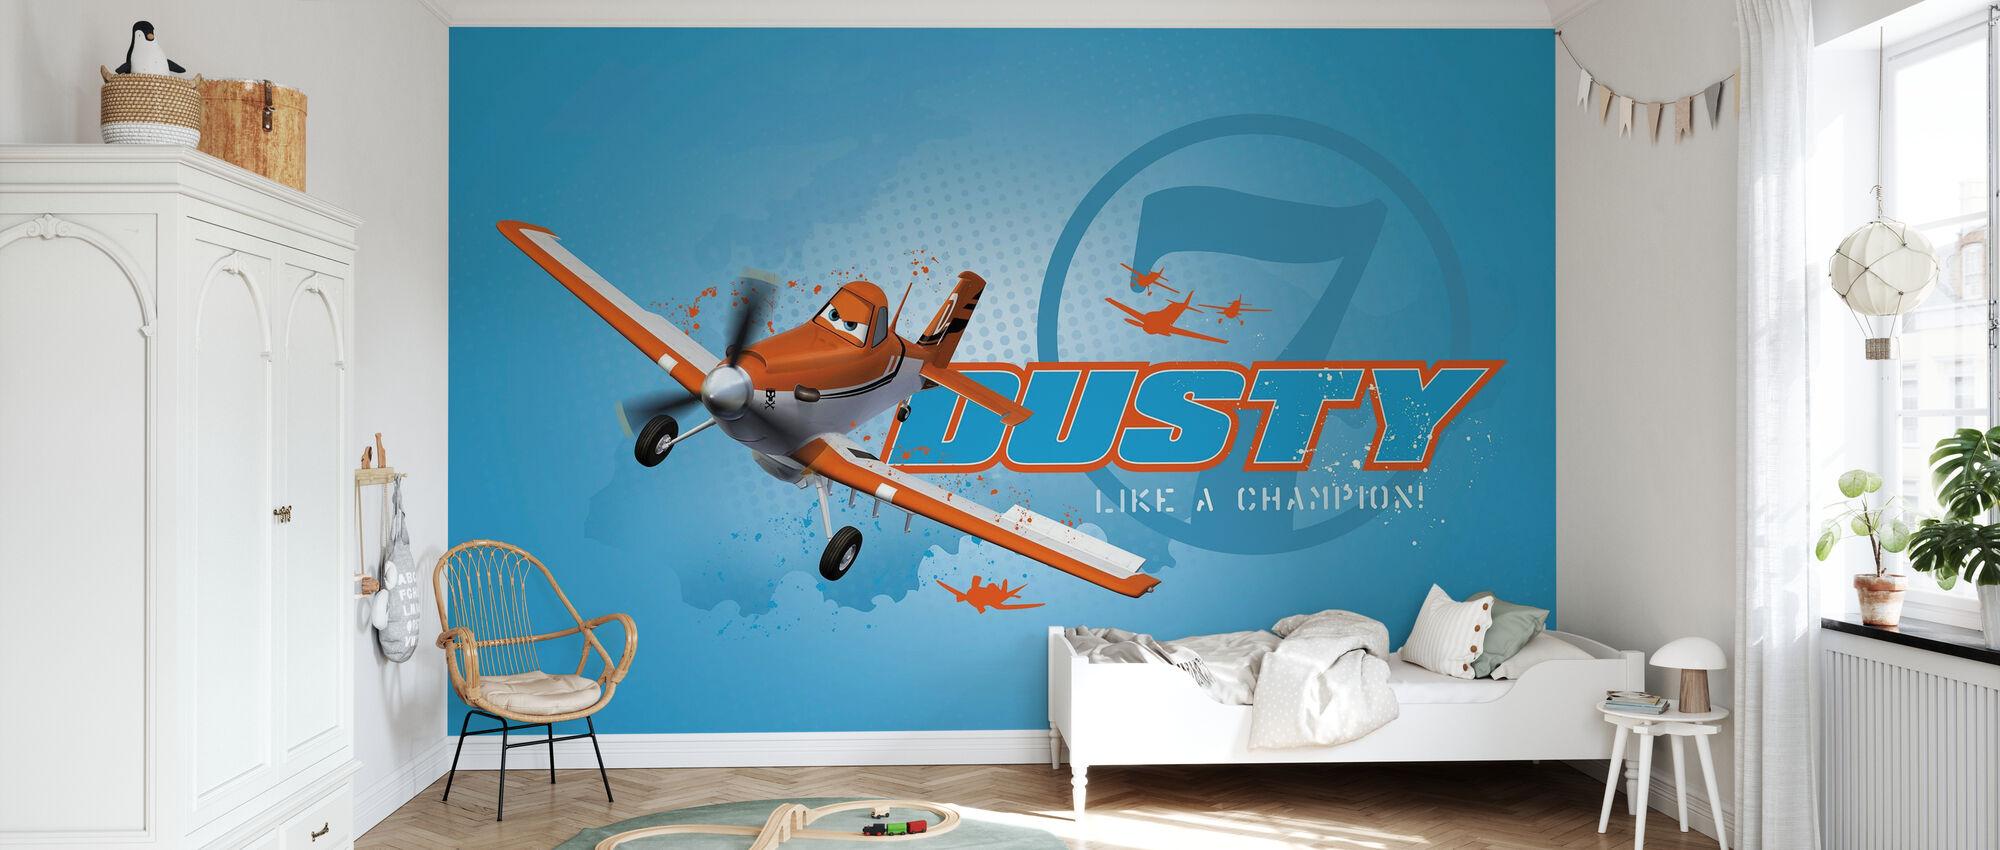 Lentokoneet - Dusty Champion - Tapetti - Lastenhuone